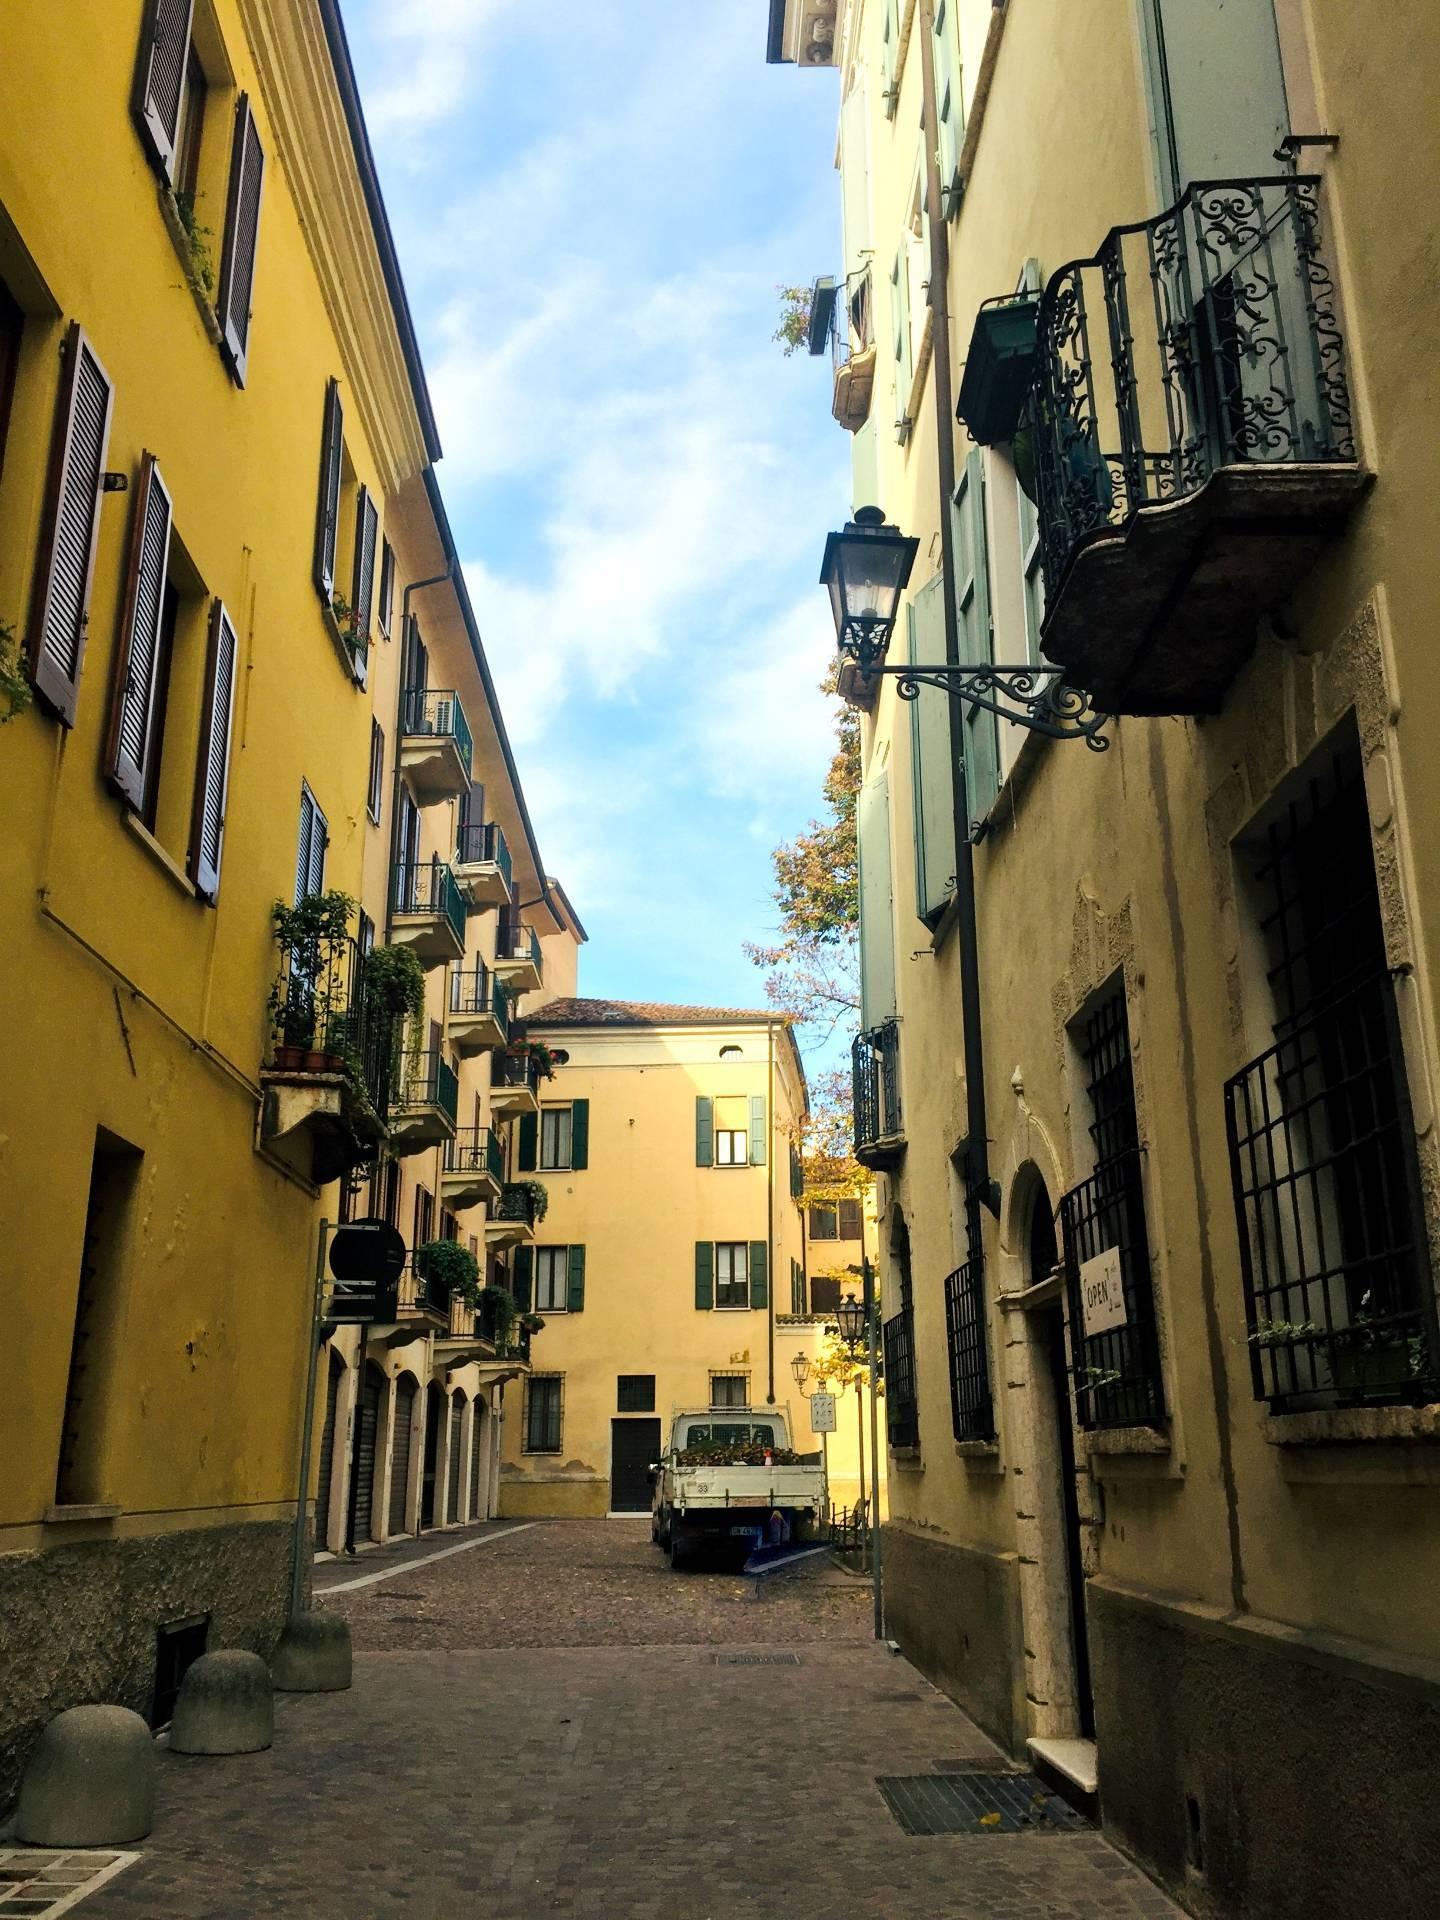 Appartamento a Mantova (Mantova) in Vendita